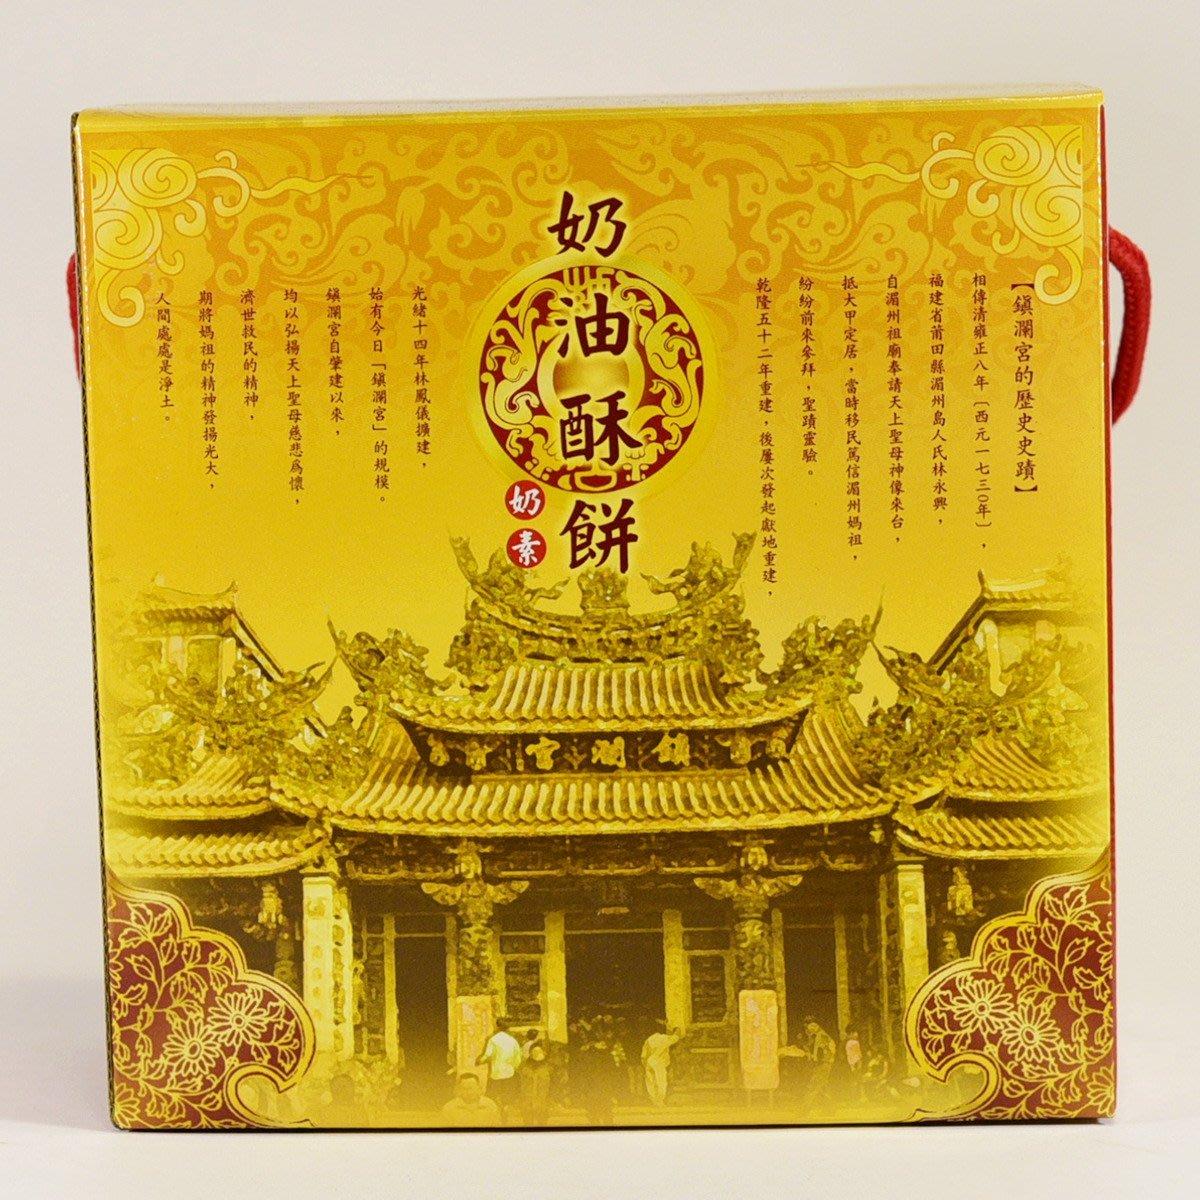 【采懋伴手禮】台中名產~奶油酥餅(大盒)~超商店到店限4盒